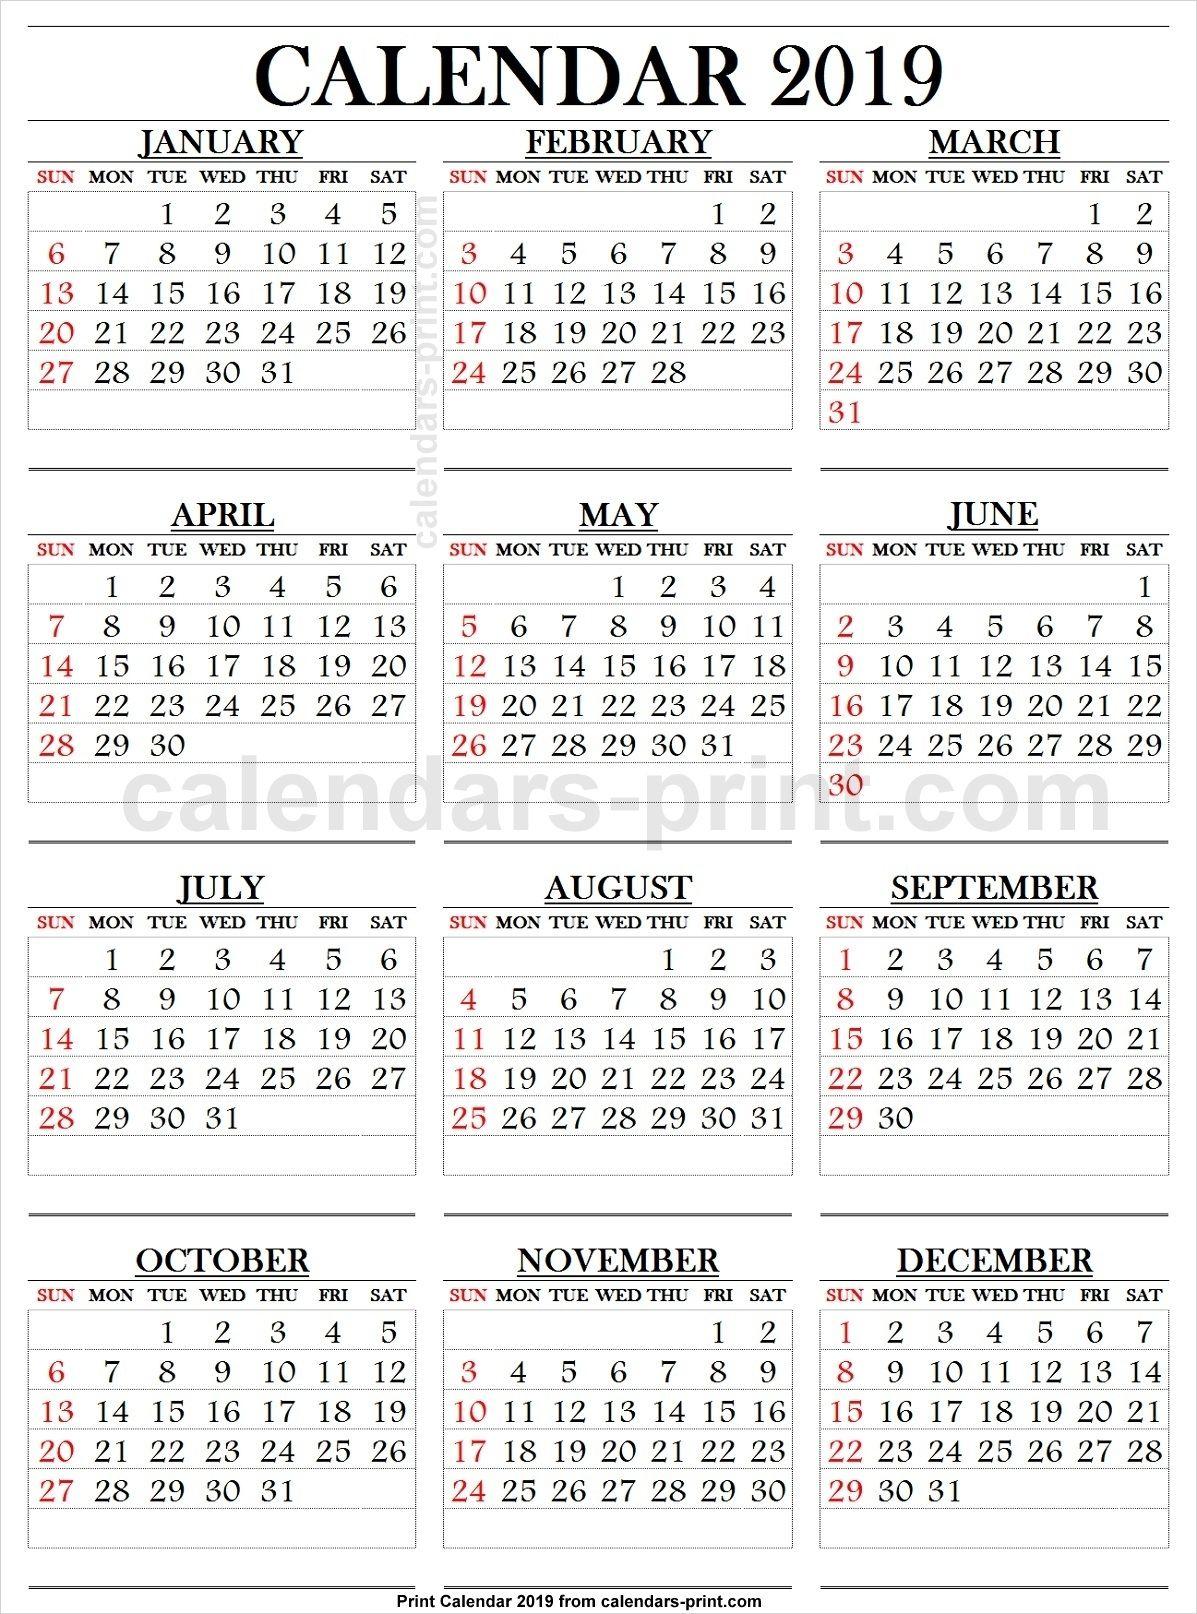 Printable Calendar Large Numbers In 2020 | Printable